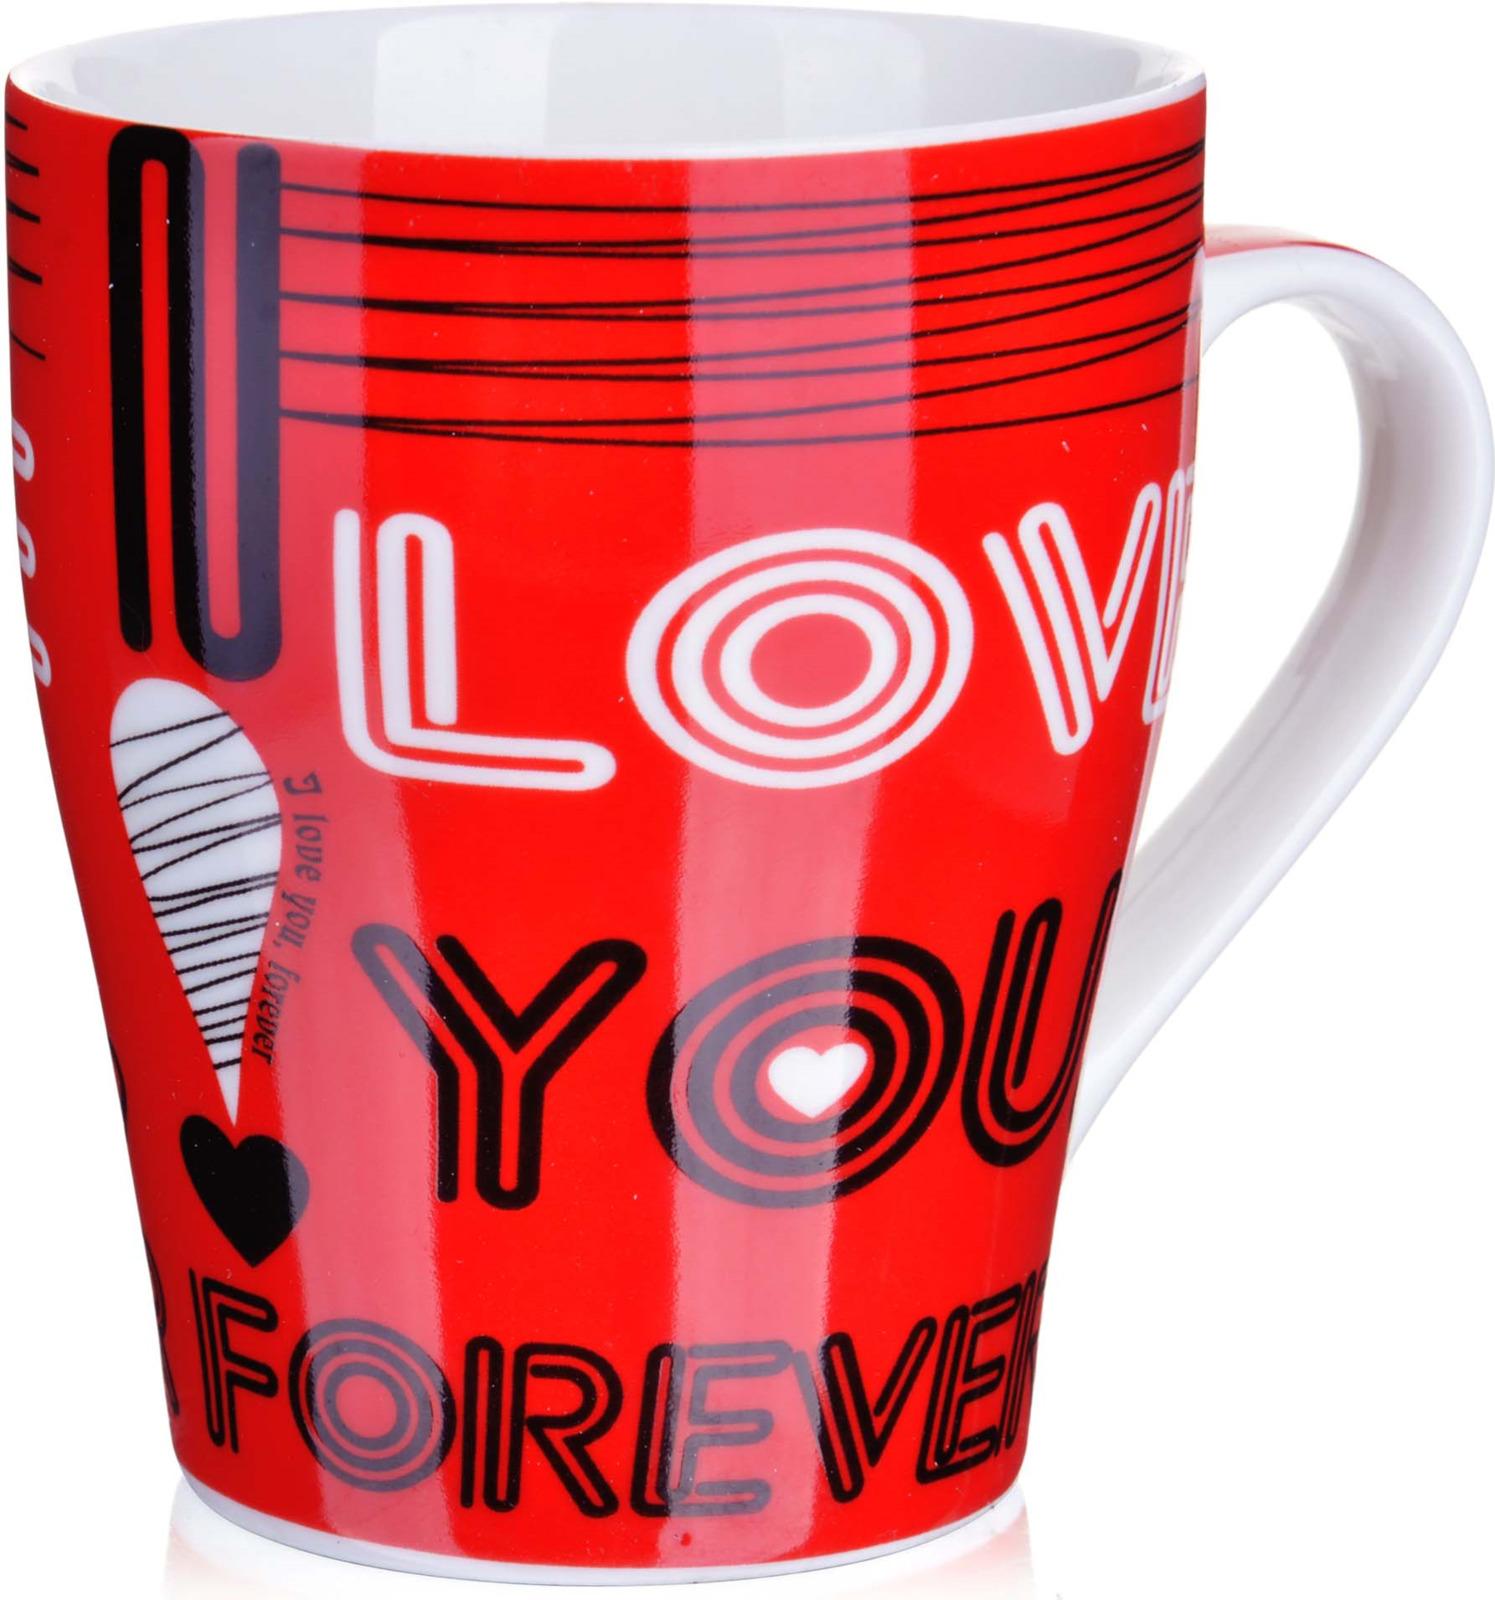 Кружка Loraine I Love You, цвет: белый, красный, черный, 340 мл кружка loraine i love you цвет белый красный розовый 320 мл